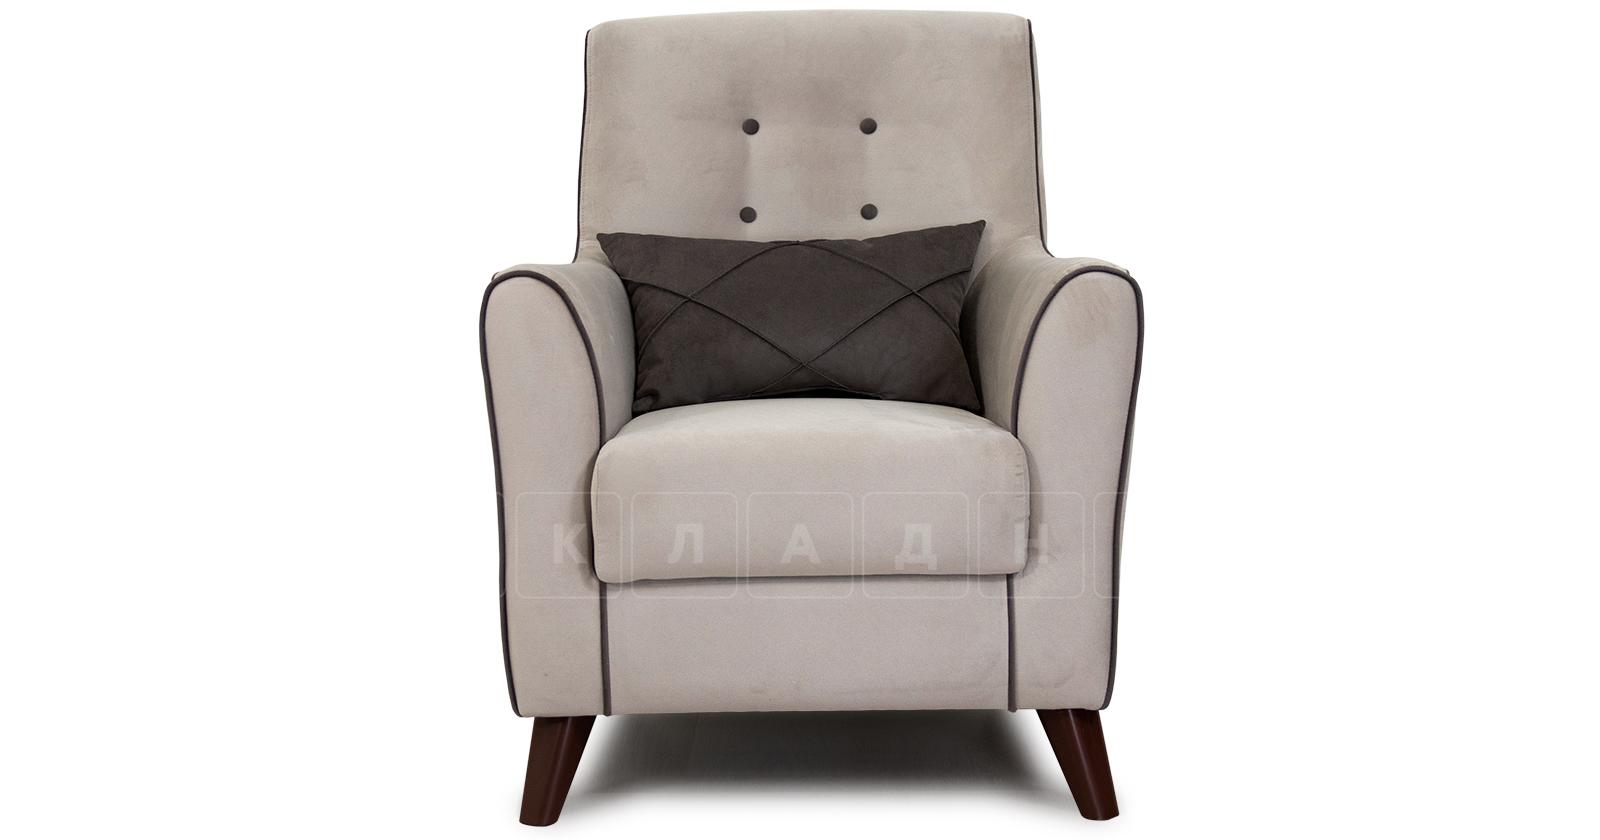 Кресло для отдыха Флэтфорд серо-бежевый фото 2 | интернет-магазин Складно